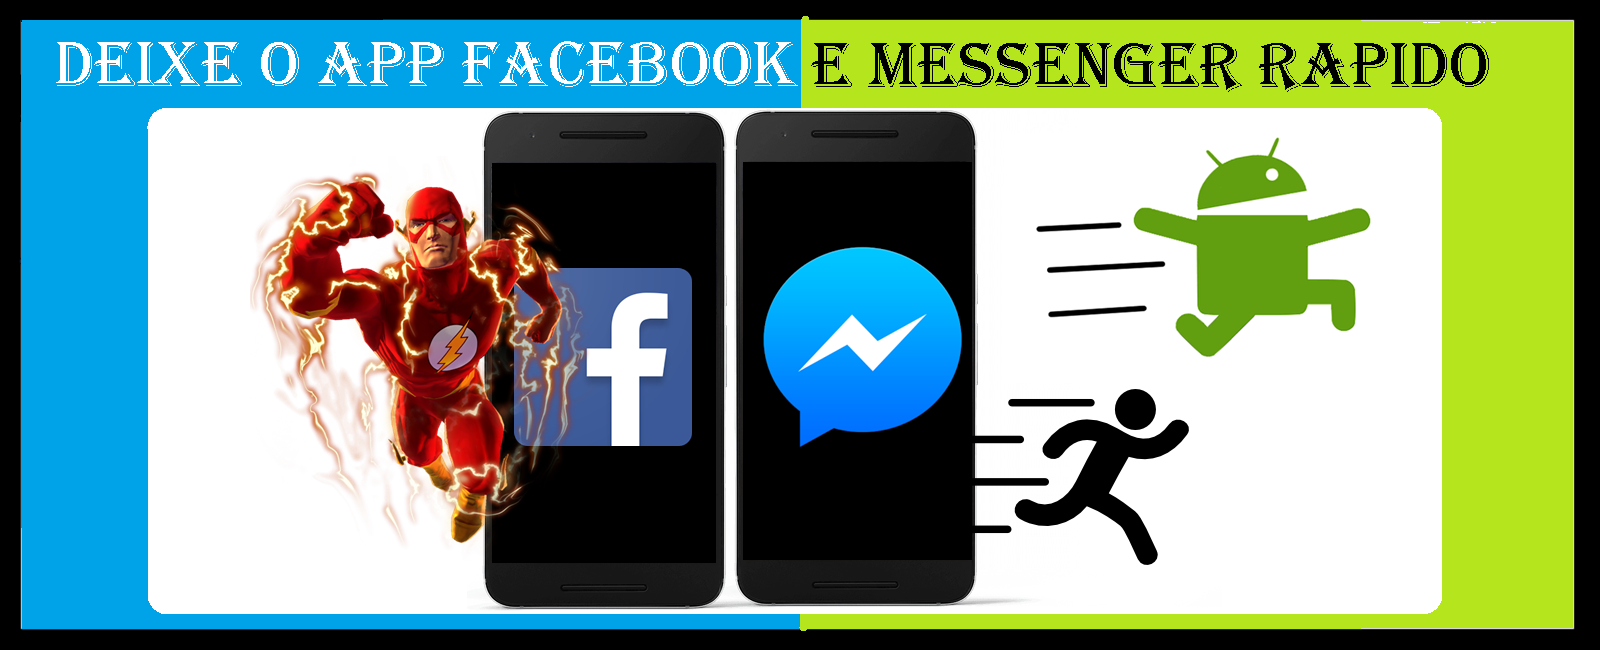 Amiga do facebook messenger brasileira 3